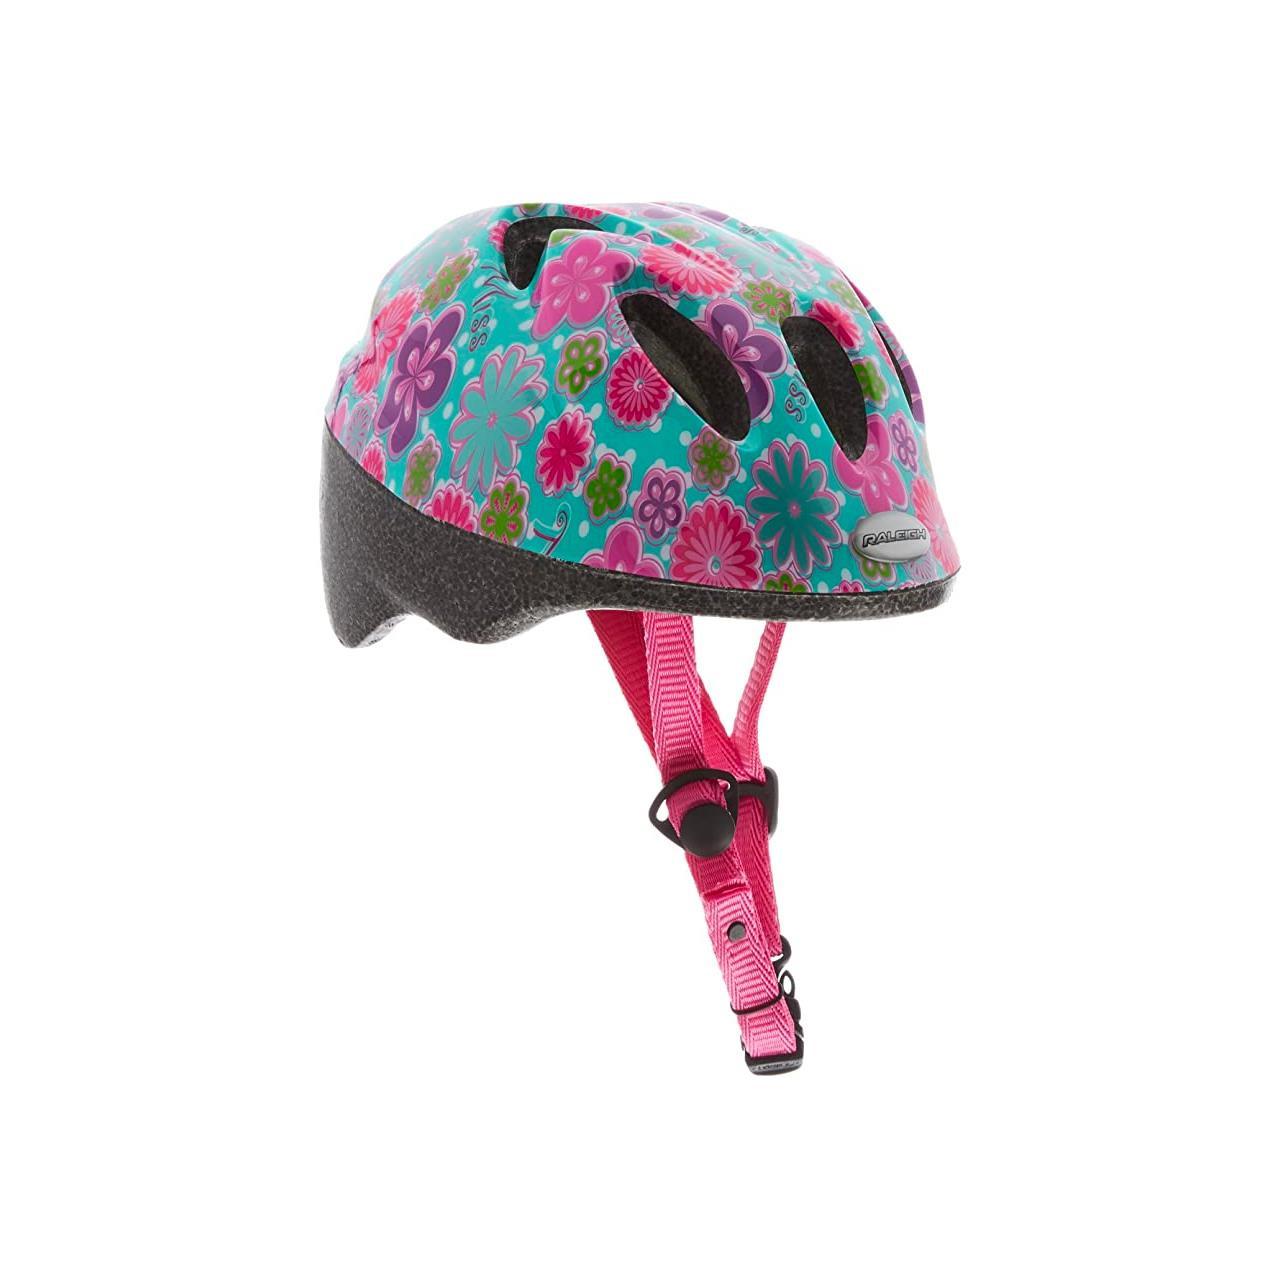 Raleigh Rascal Kids' Cycle Helmet